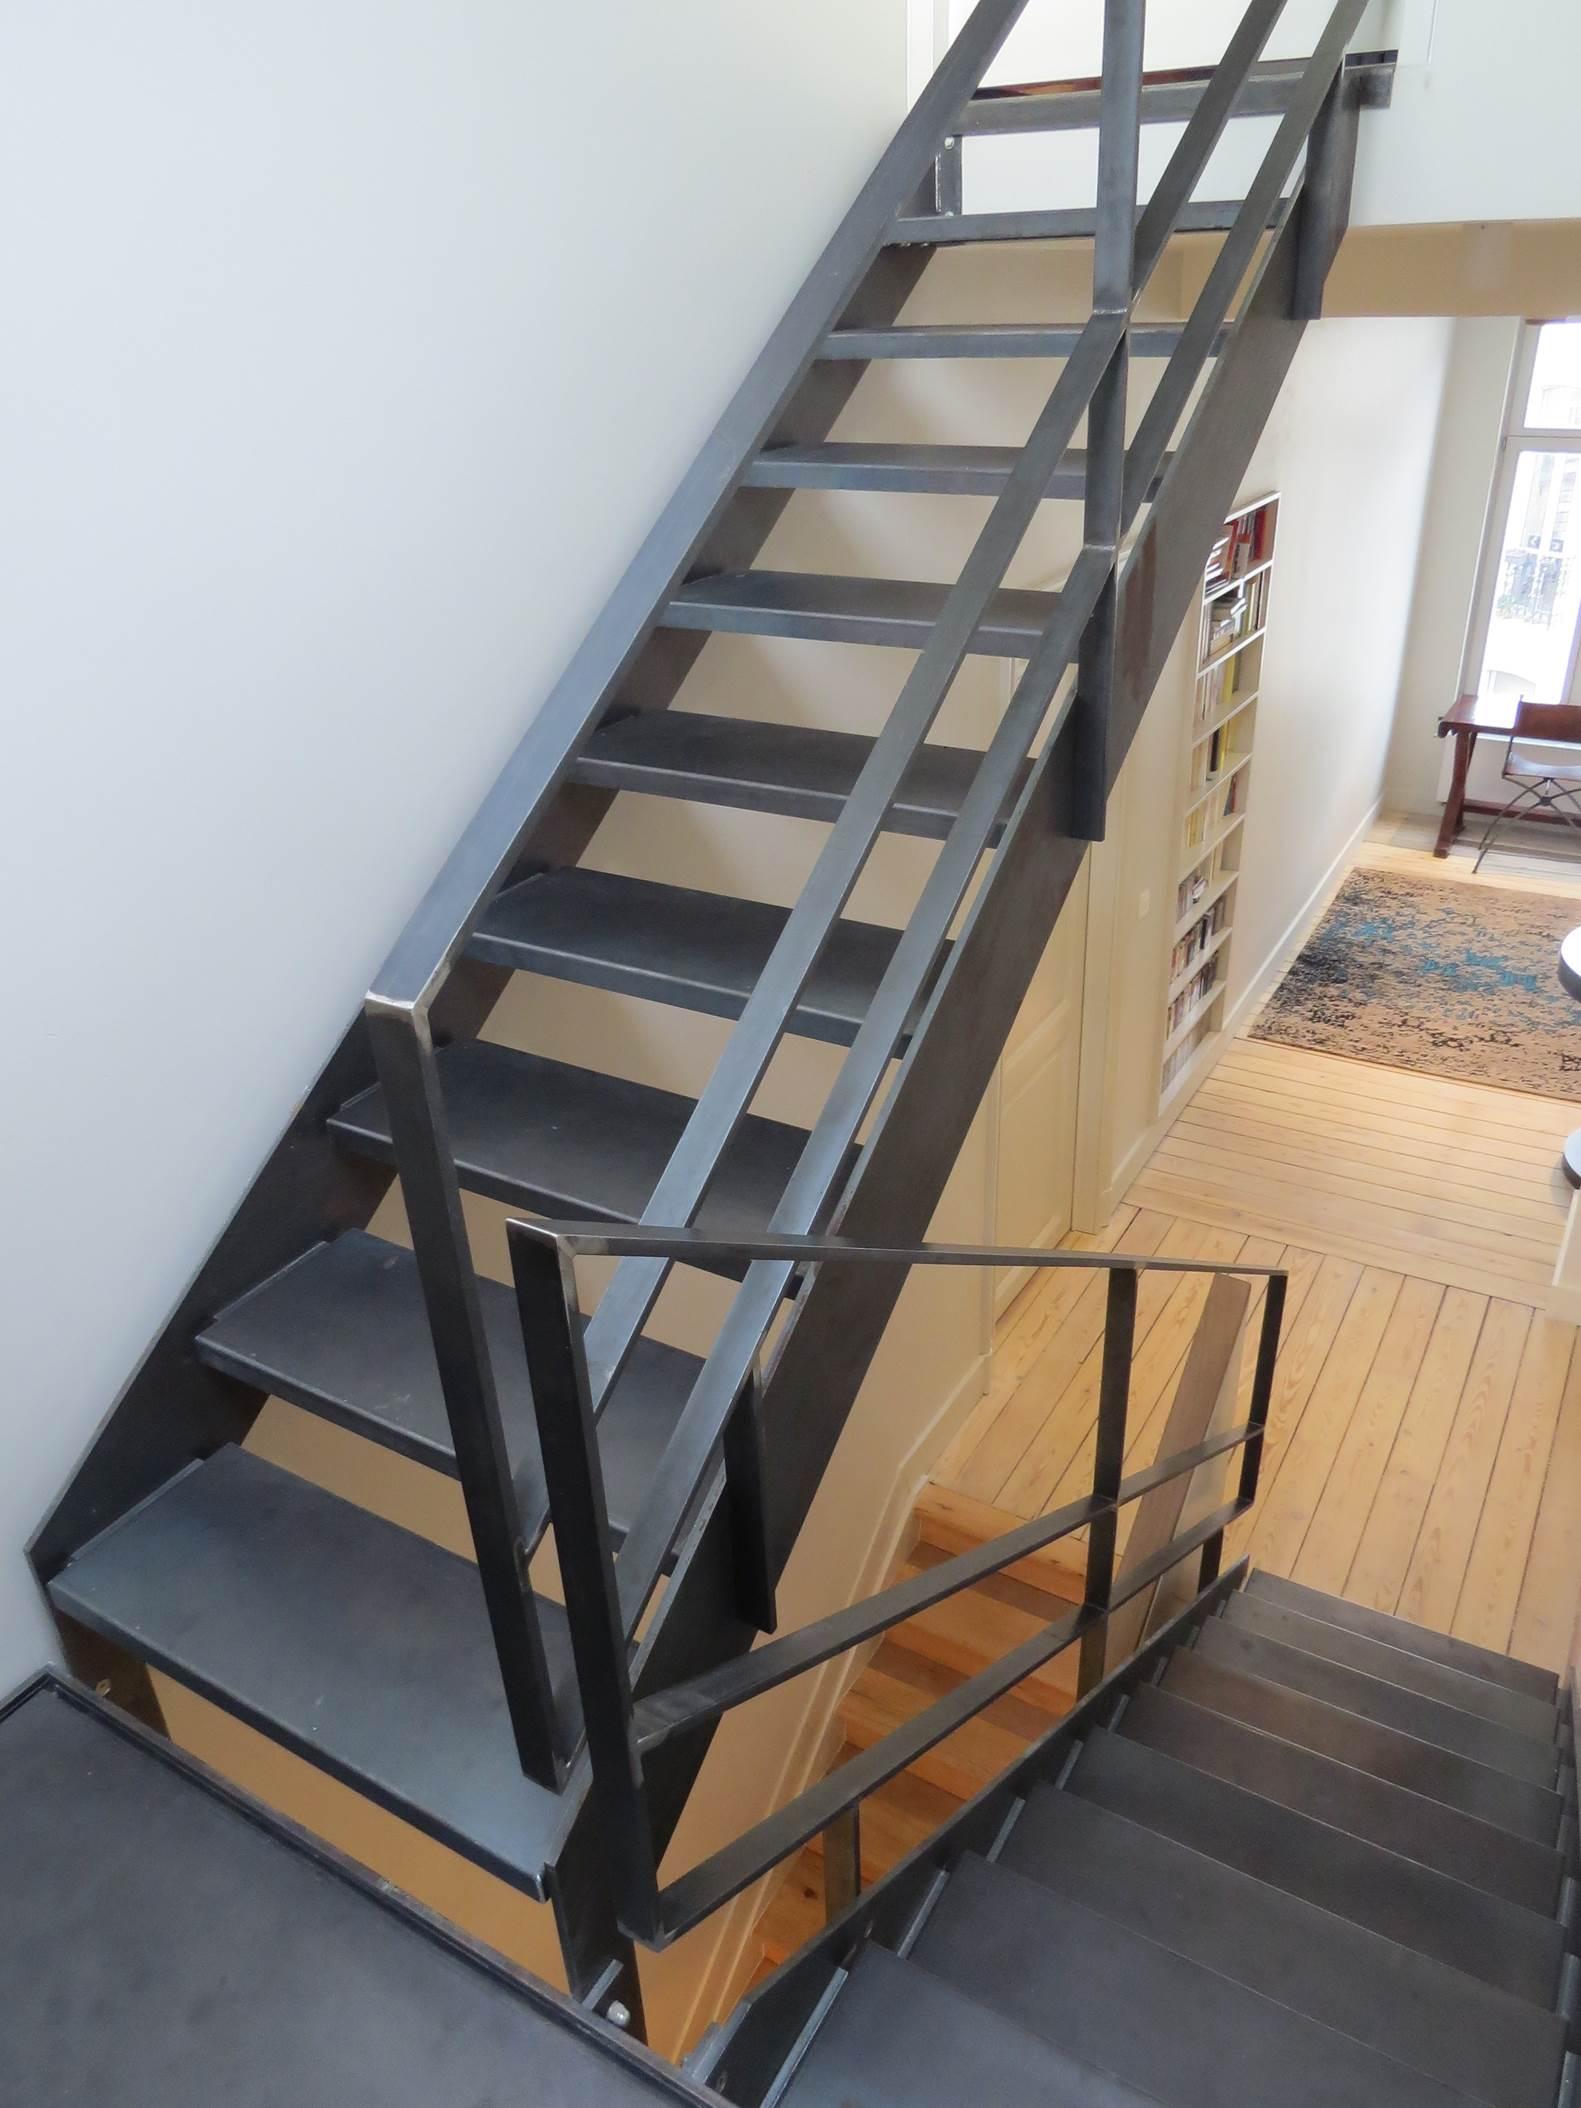 Escalier Acier Brut escalier en acier brut - mtts concept